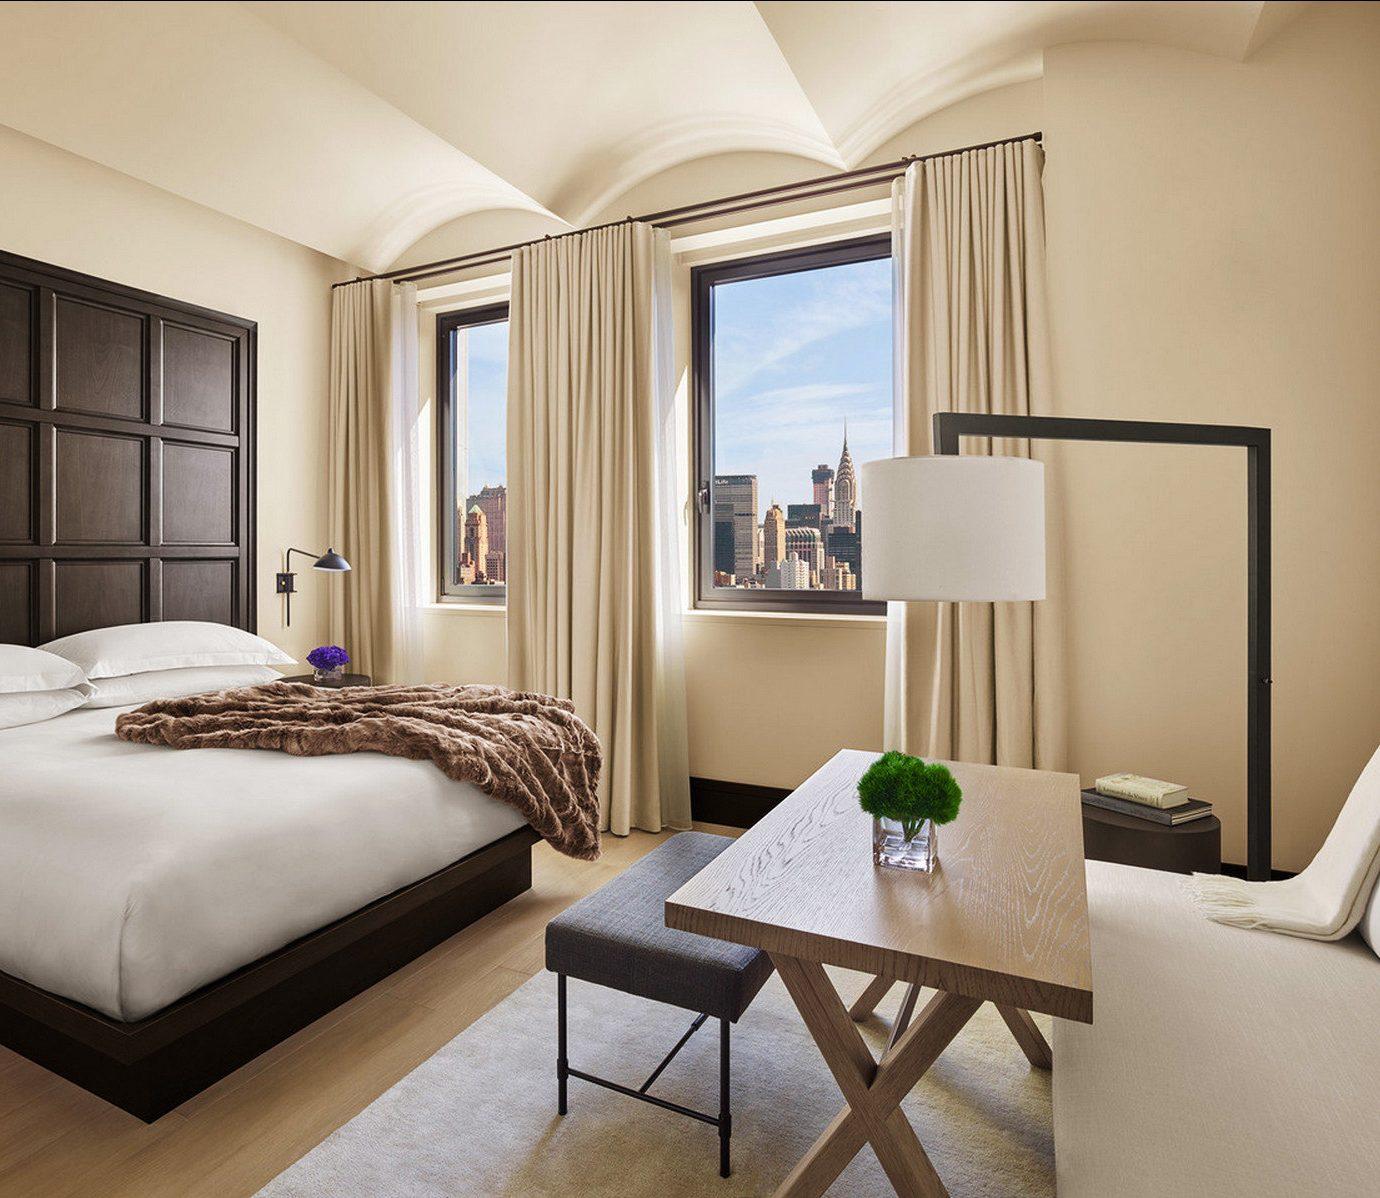 Bedroom Elegant Hip Luxury Modern Suite Trip Ideas property living room home